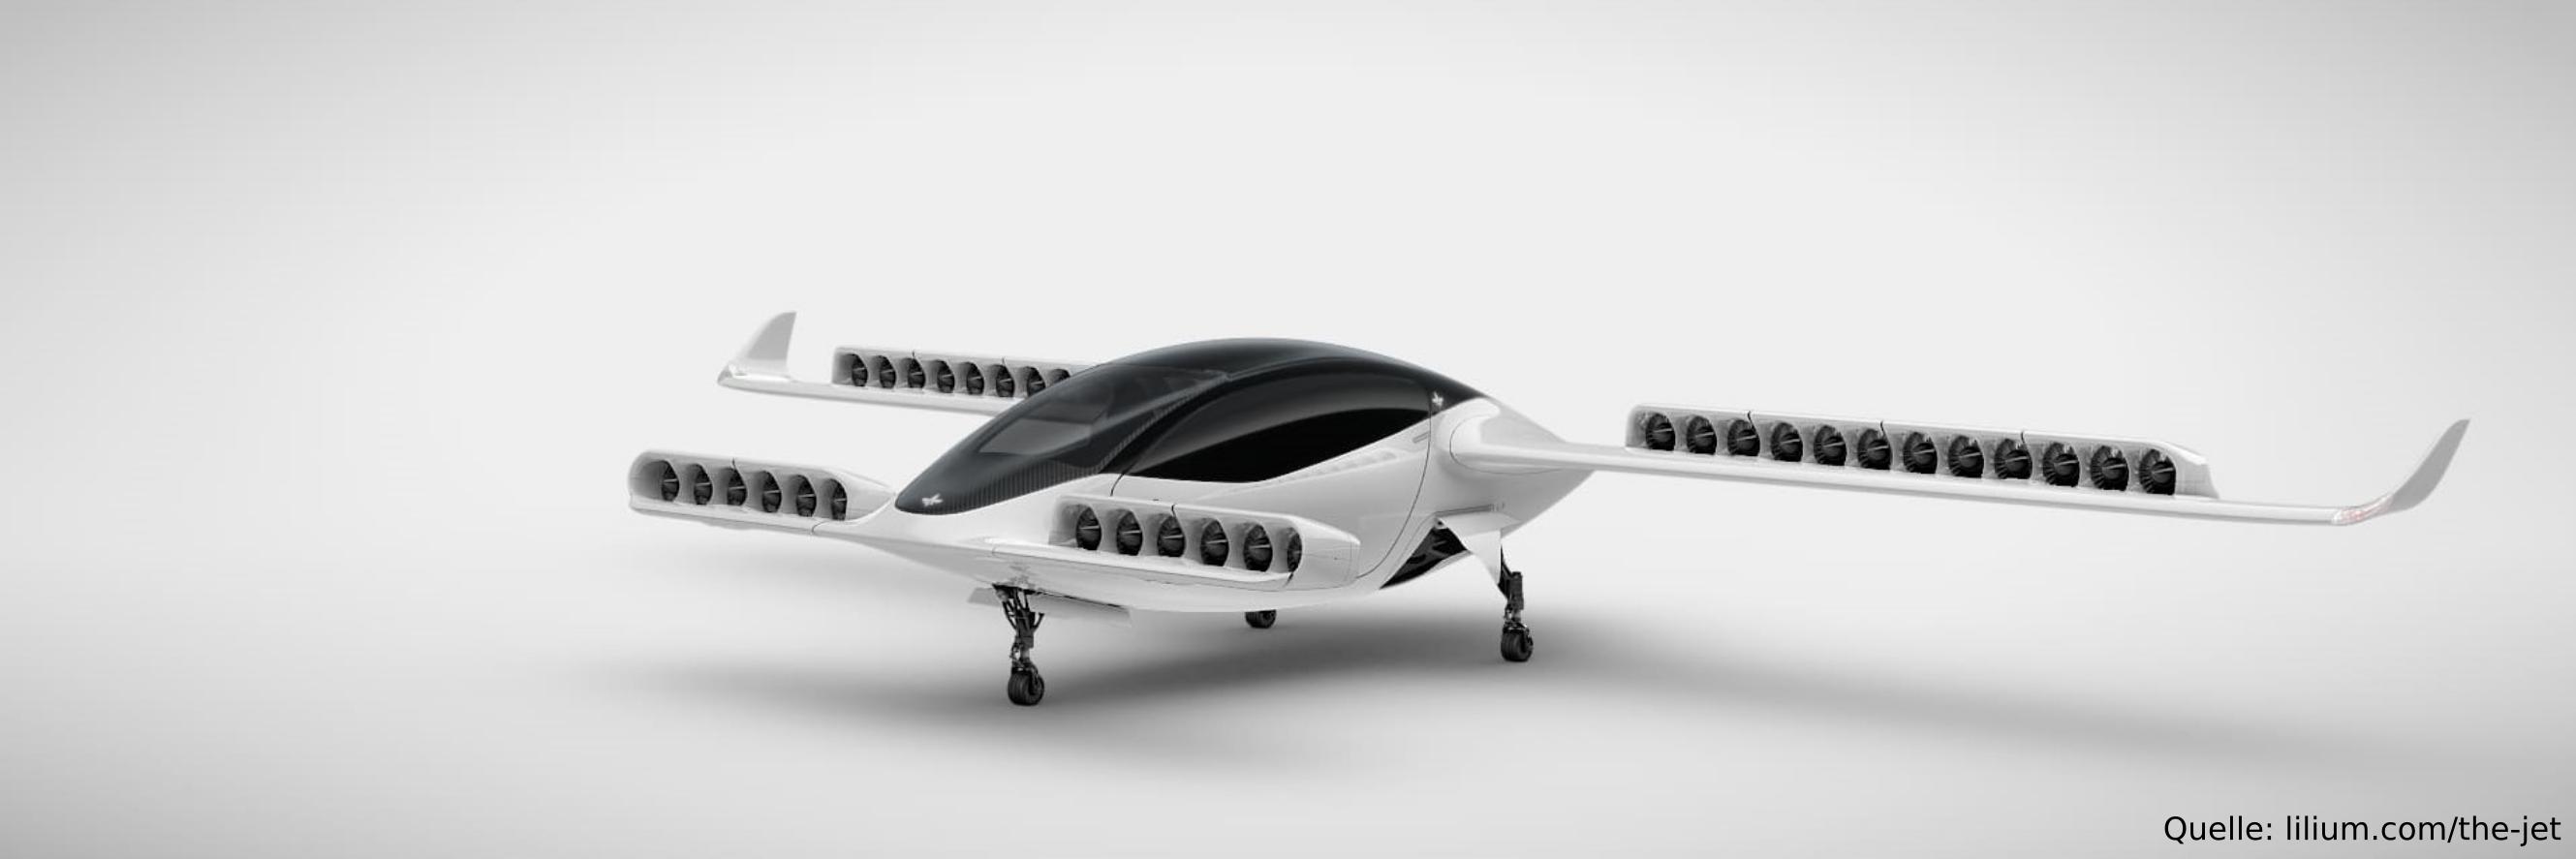 Lilium-Jet_3x1.png